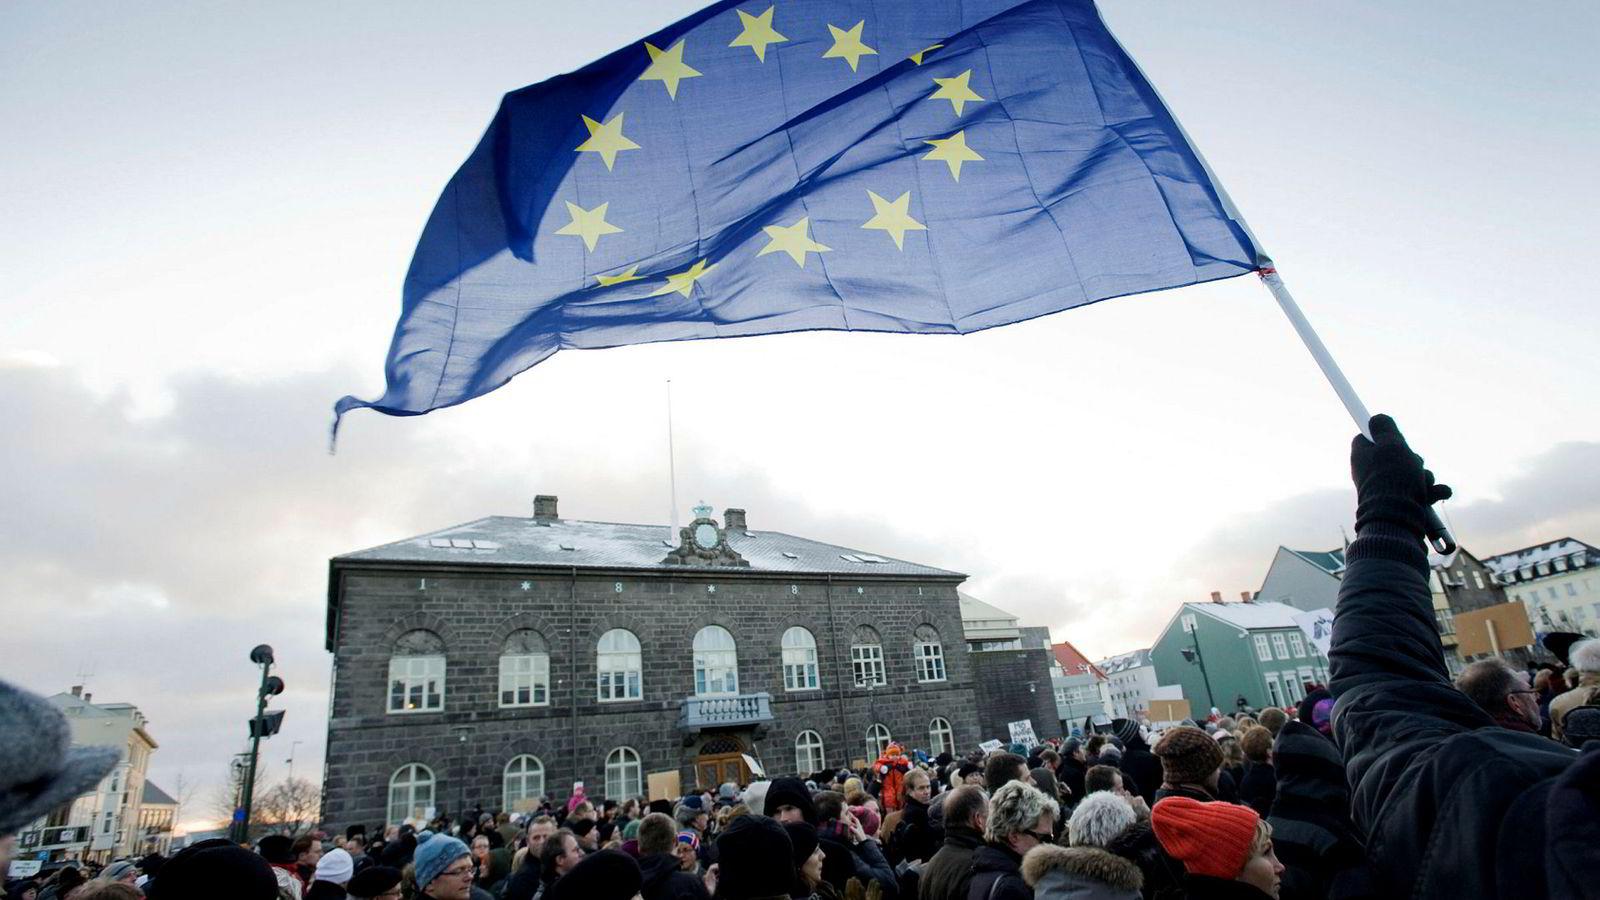 I forbindelse med finanskrisen 2008 tok folk til gatene for å demonstrere mot både havarerte banker og den harde finanspolitikken som rammet folk hardt. Det førte blant annet til at oppslutningen om å søke medlemskap i EU økte i en periode.